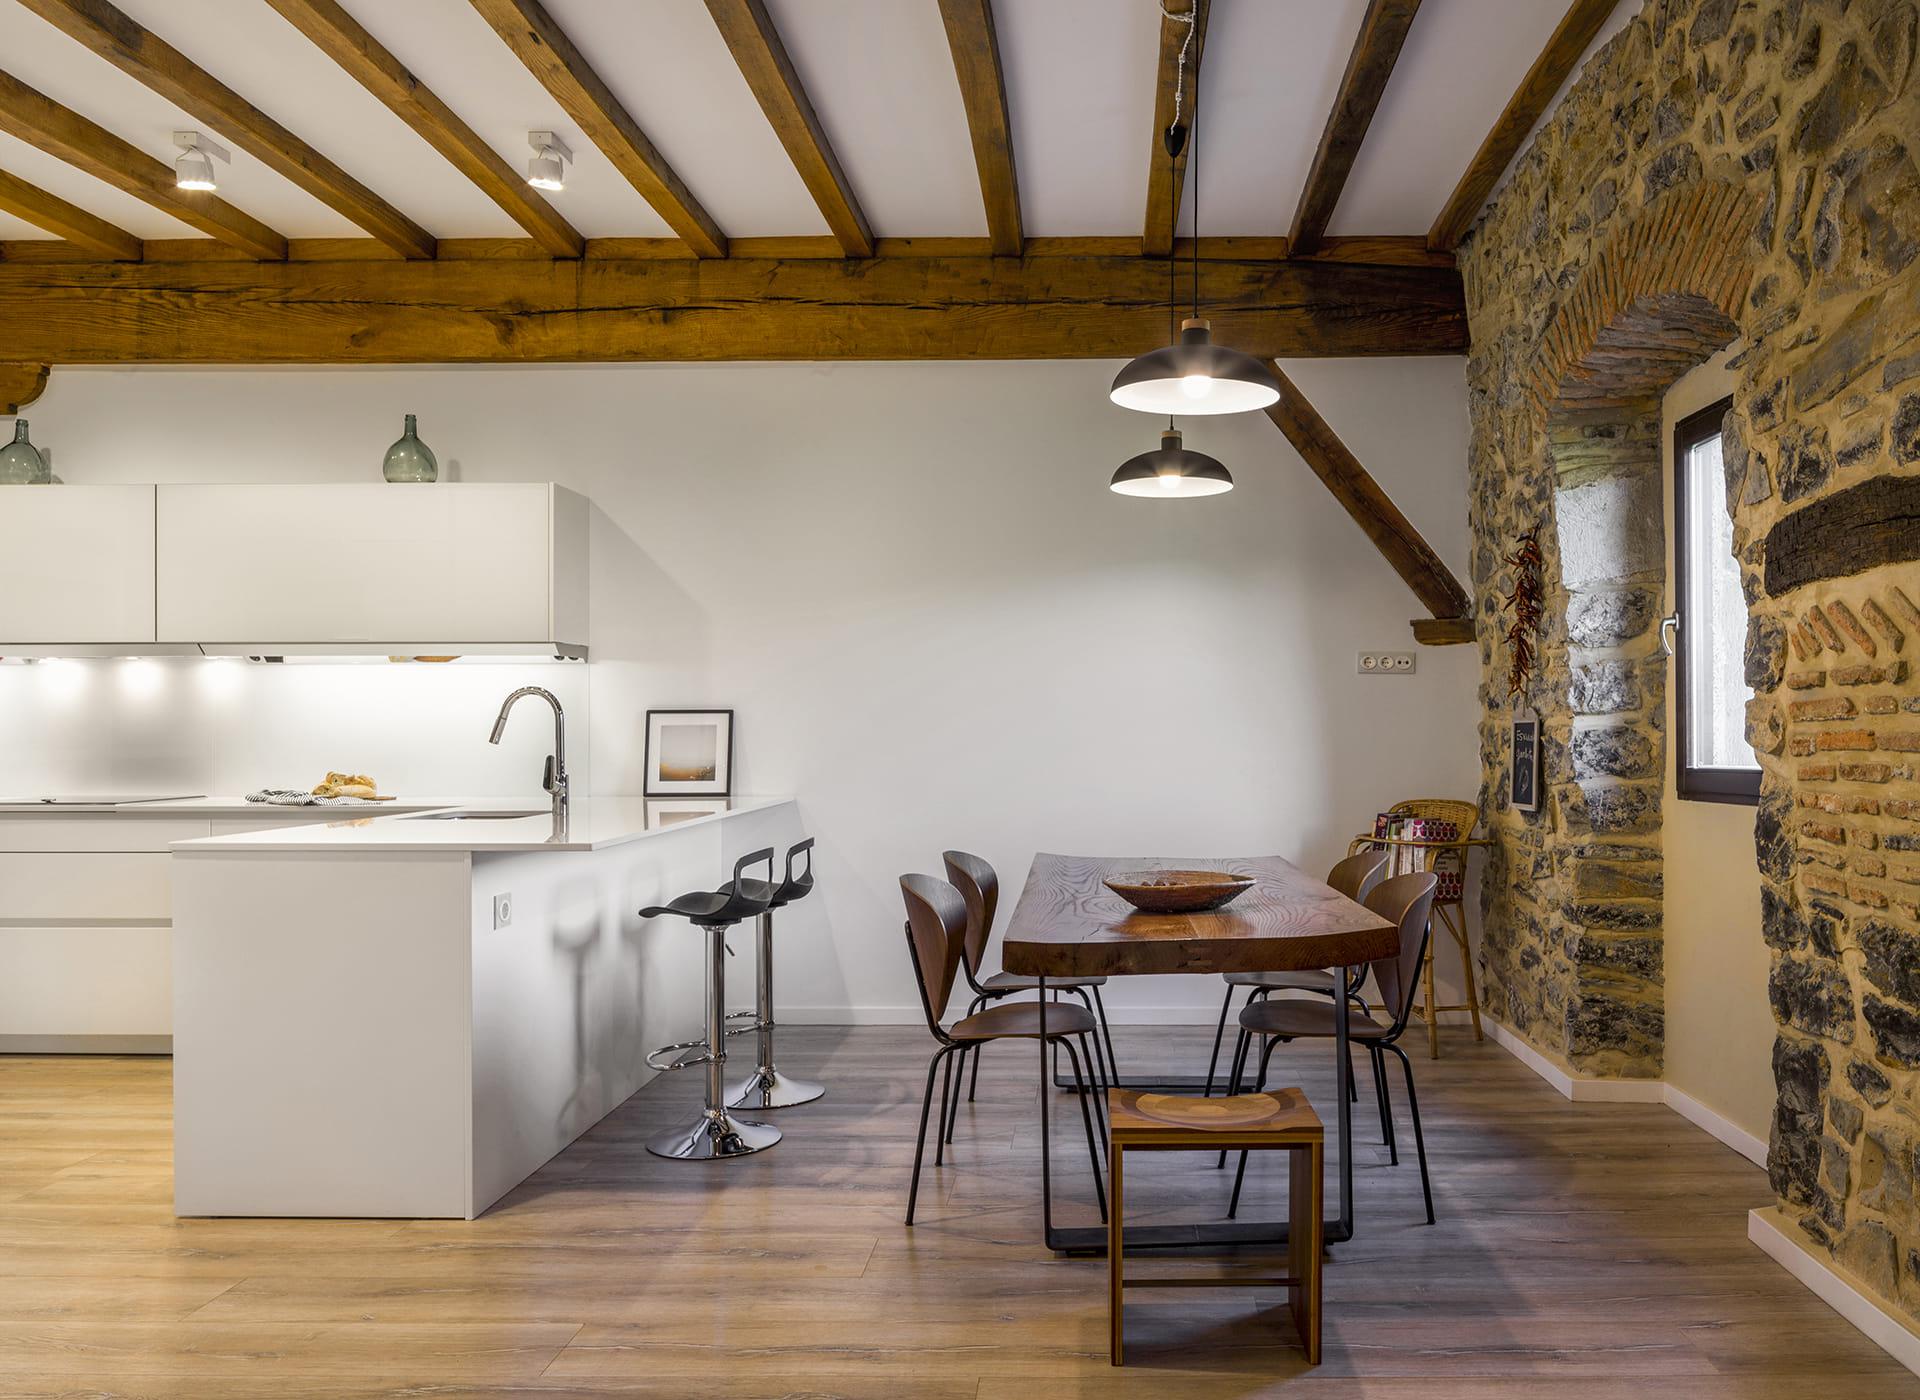 Cuisine blanche et salle à manger avec table en bois